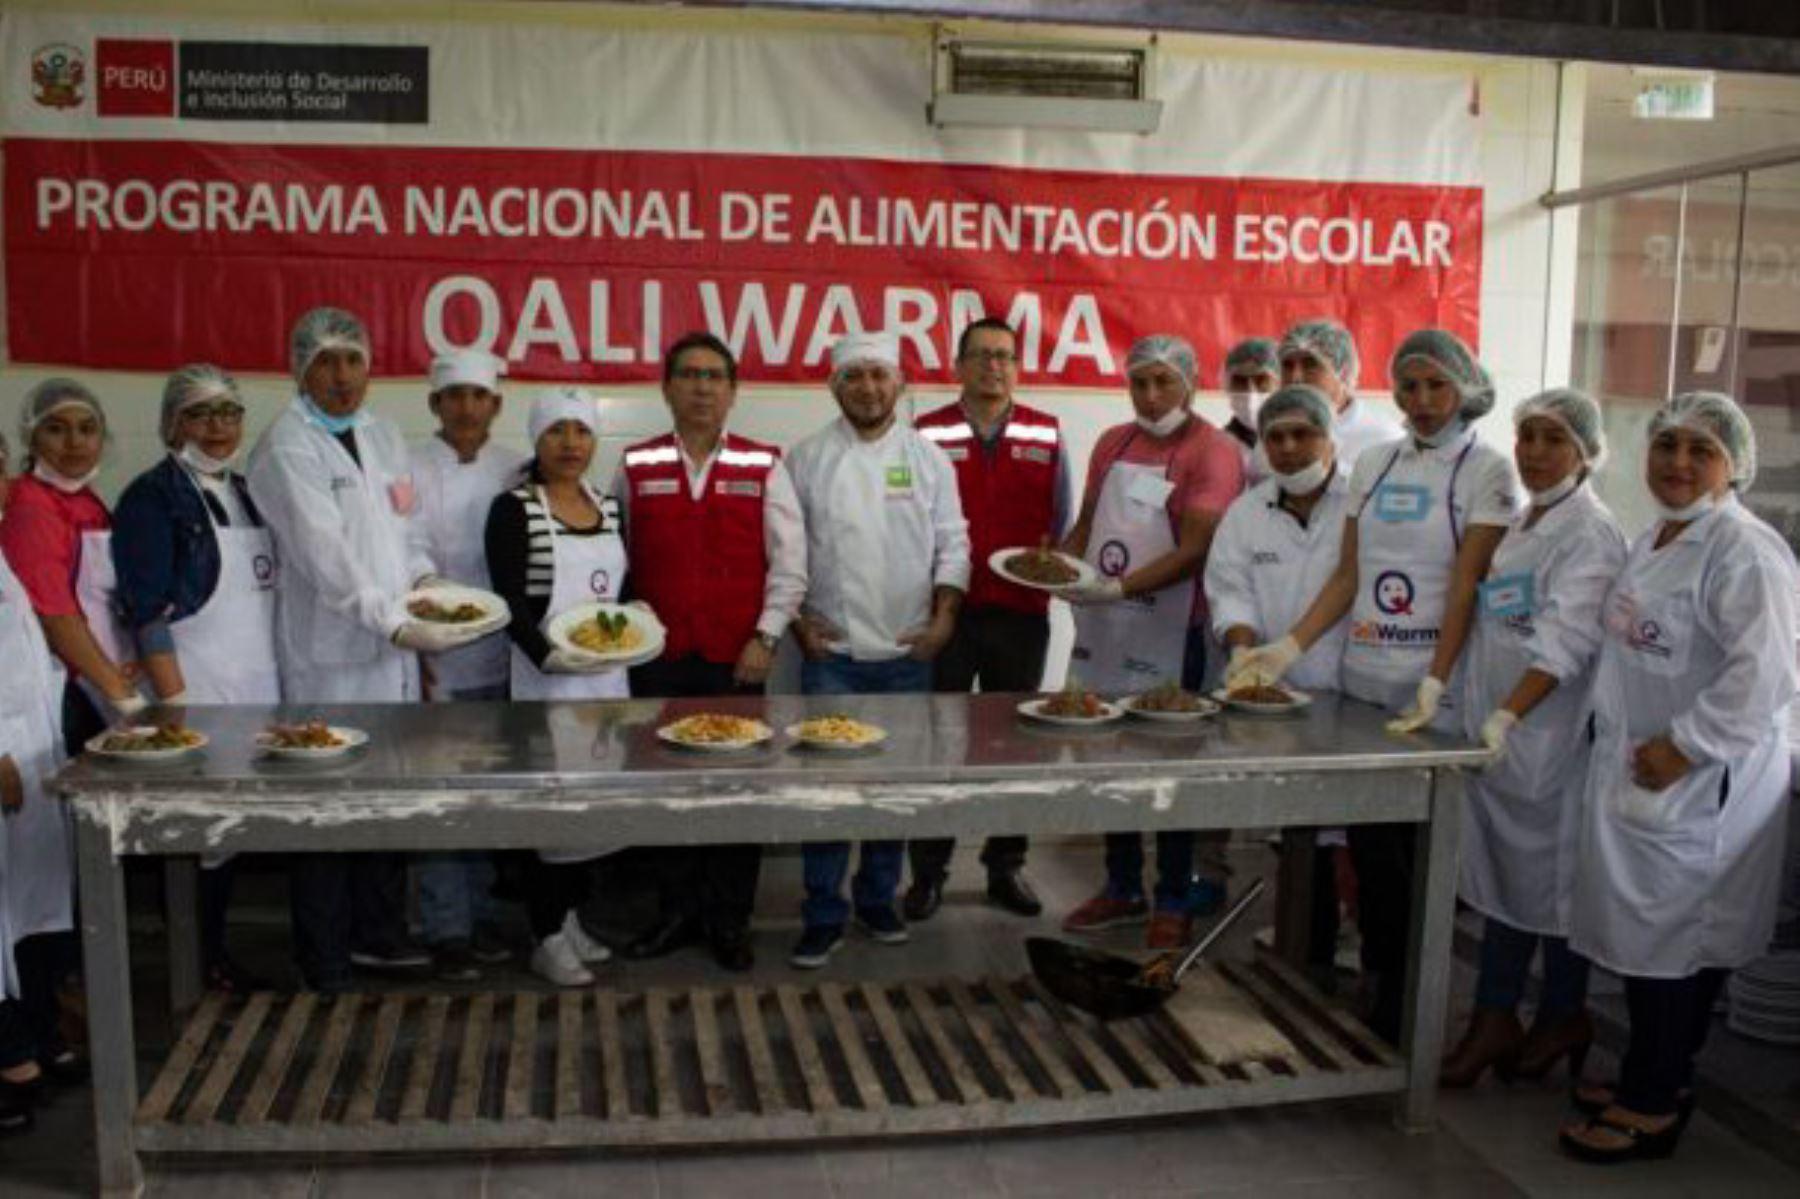 Conservas de sangrecita, bofe y carne de res, son entregadas en las instituciones educativas públicas de la región Huánuco, por el Ministerio de Desarrollo e Inclusión Social (Midis) a través del Programa Nacional de Alimentación Escolar Qali Warma.